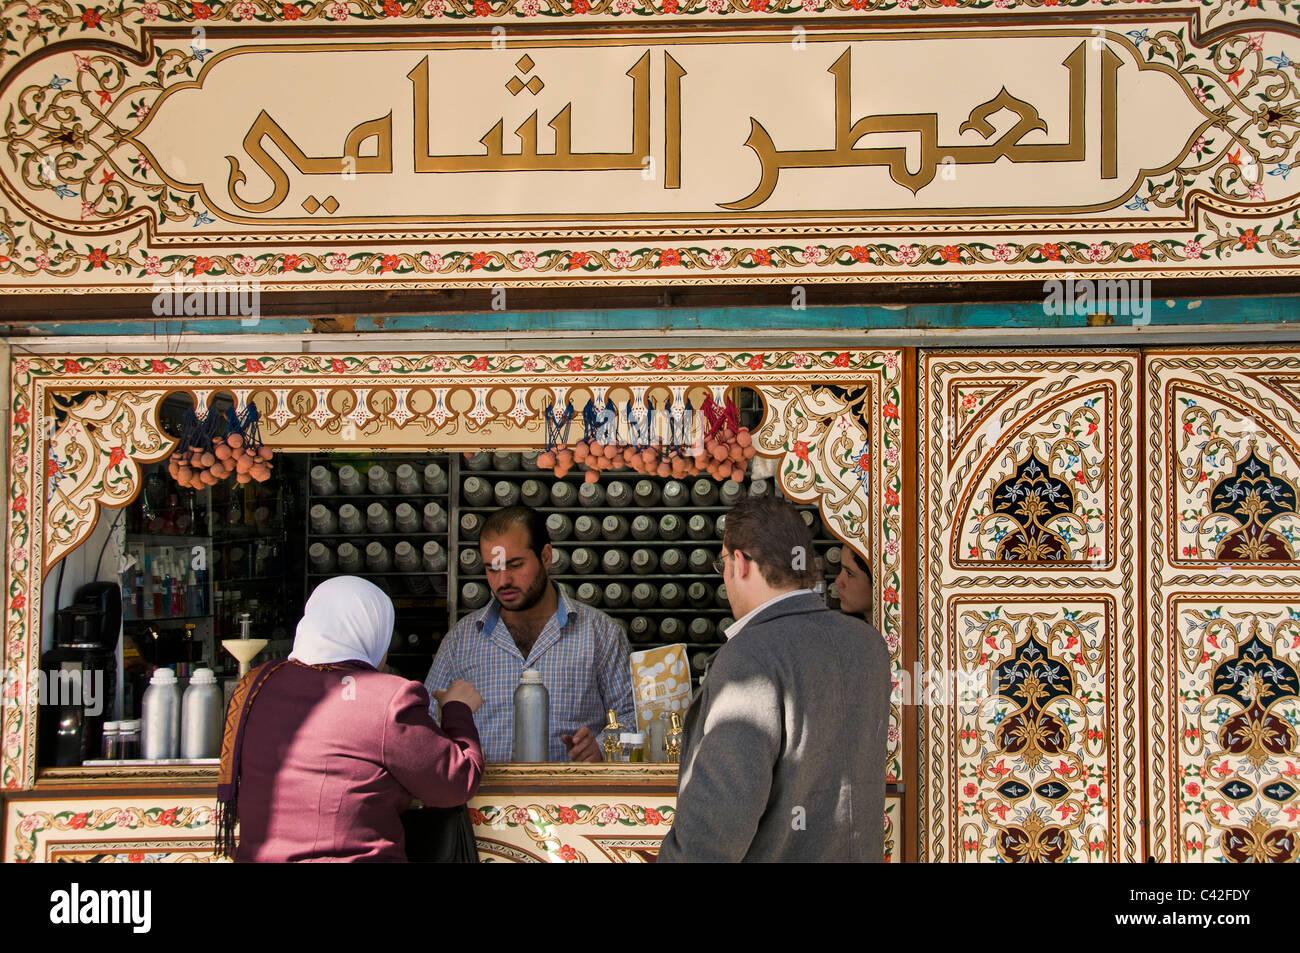 Città moderna città a Damasco in Siria Bazaar profumo profumeria bottiglia odore odore fragranza Sapore Immagini Stock